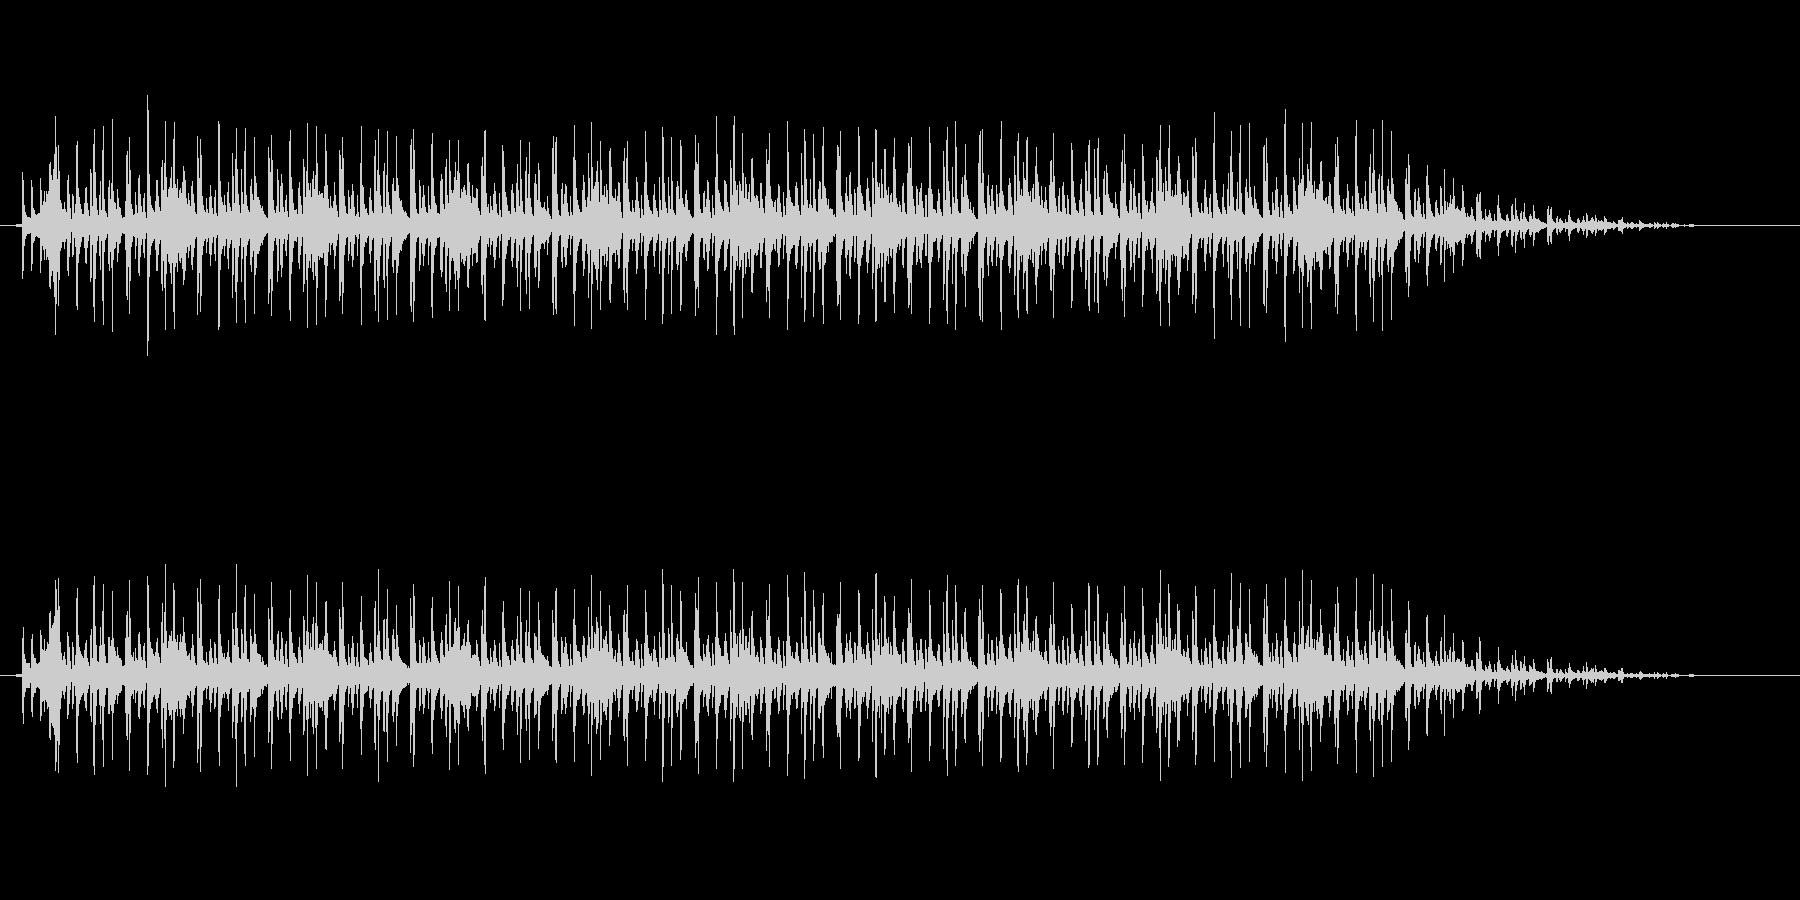 わくわくするディスコ調サウンドの未再生の波形